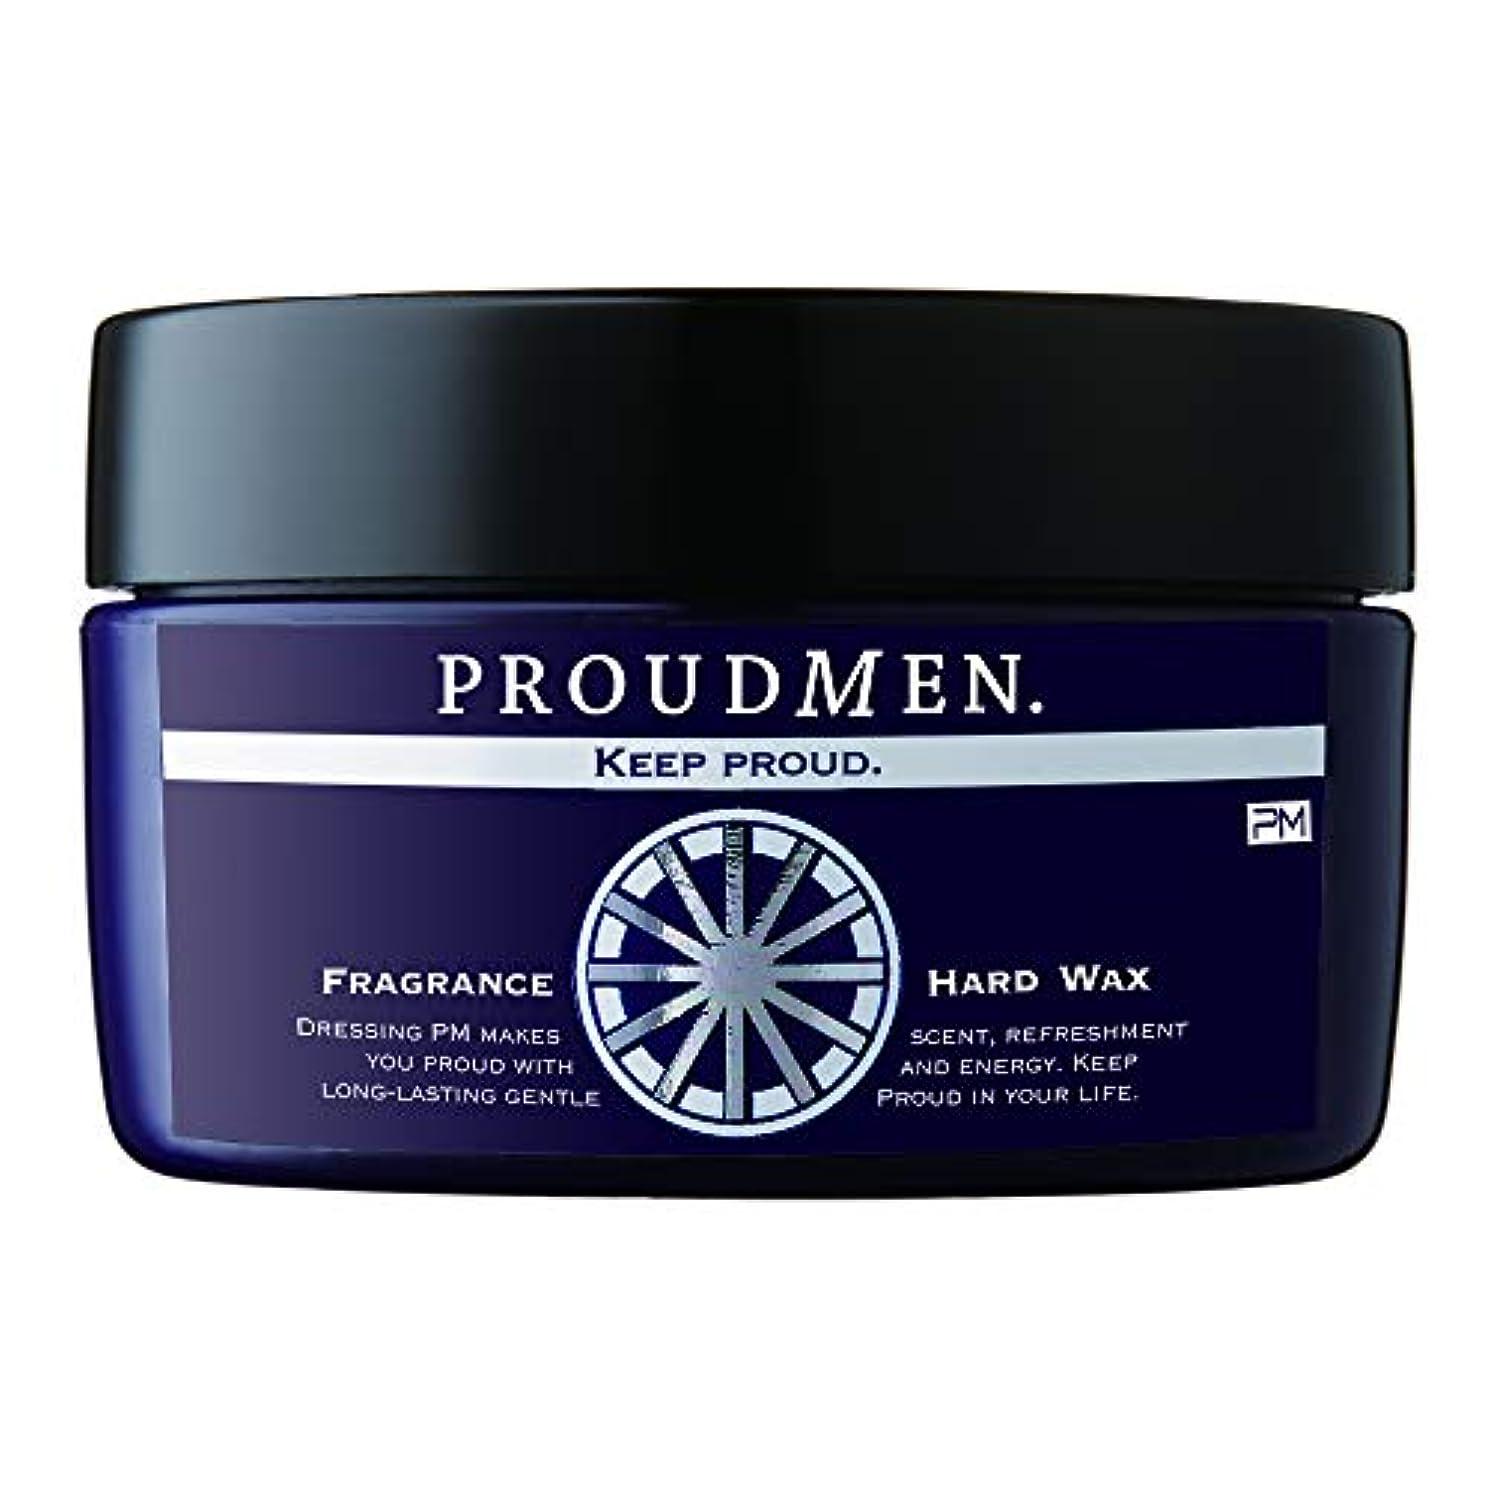 学者芸術違法プラウドメン フレグランスハードワックス 60g (グルーミング?シトラスの香り) 整髪料 スタイリング剤 ヘアワックス メンズ 男性